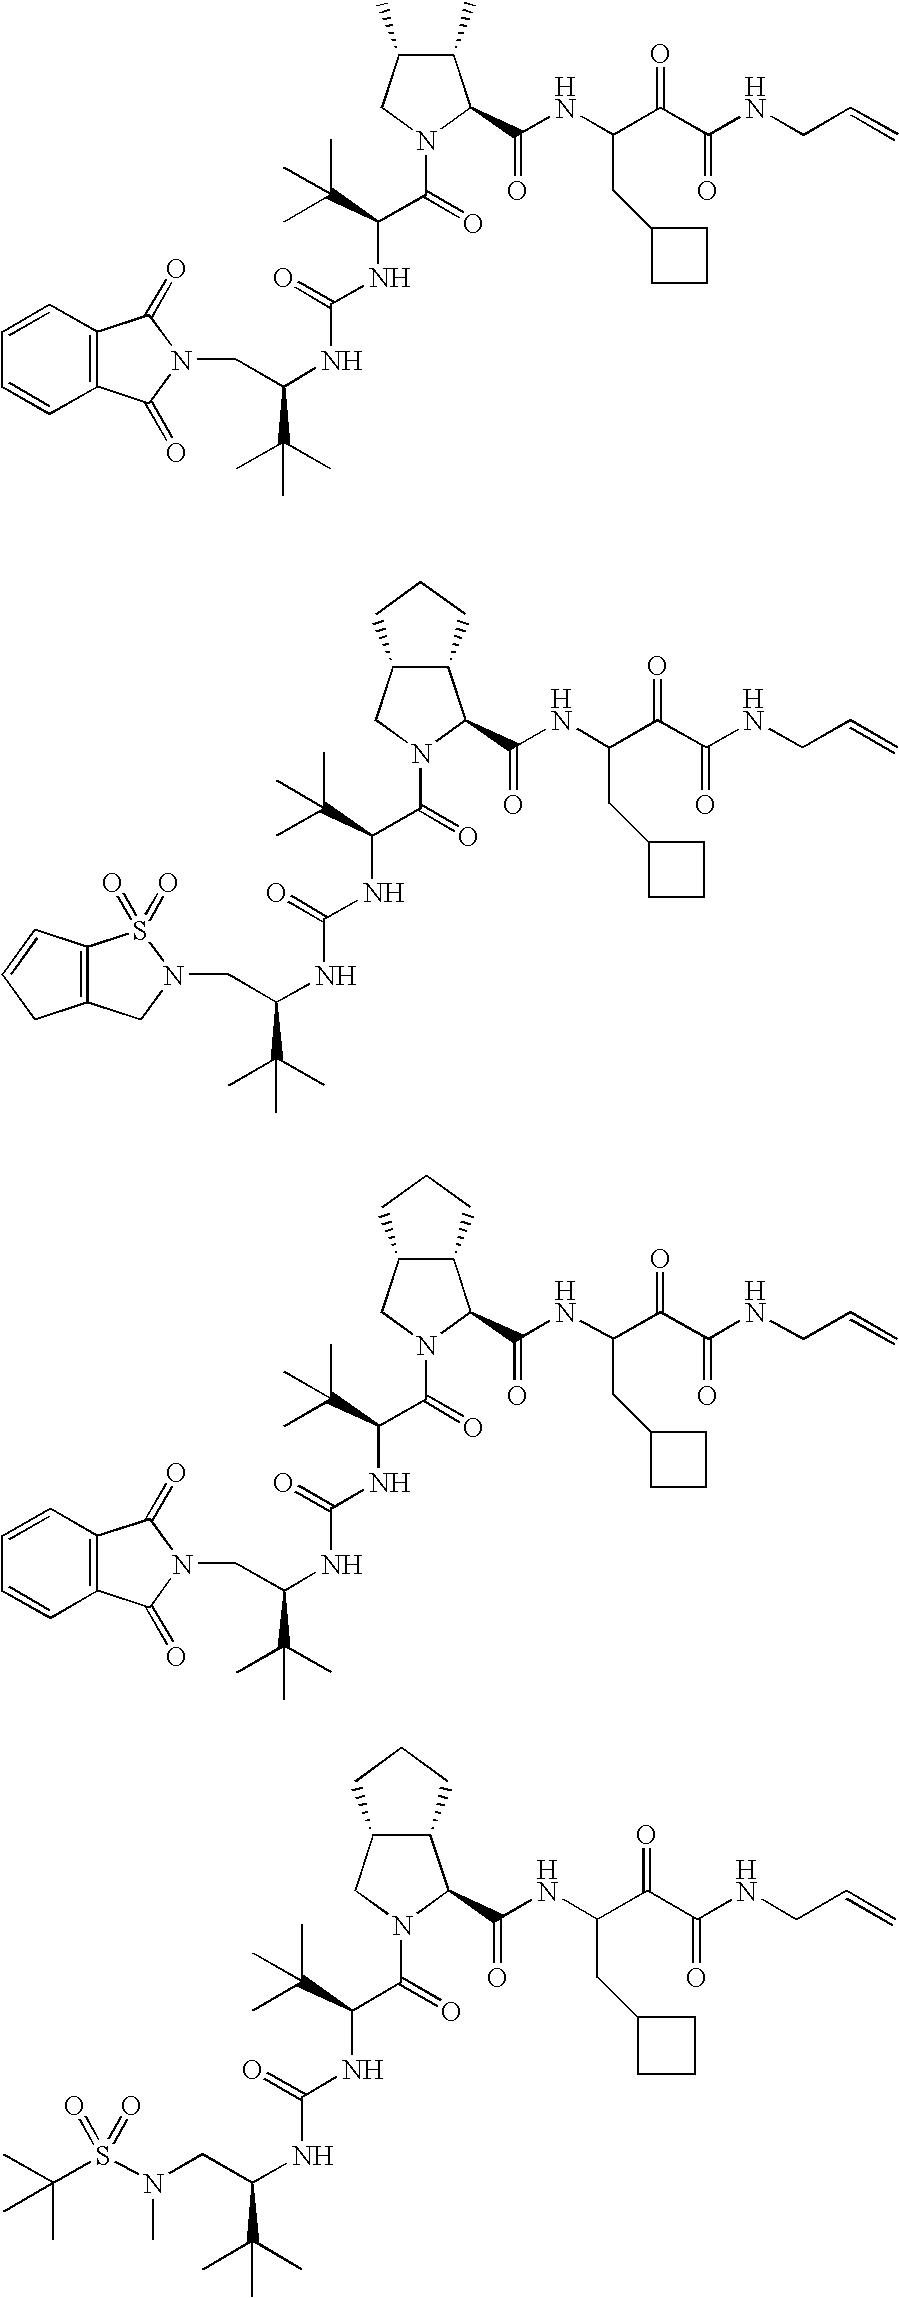 Figure US20060287248A1-20061221-C00539